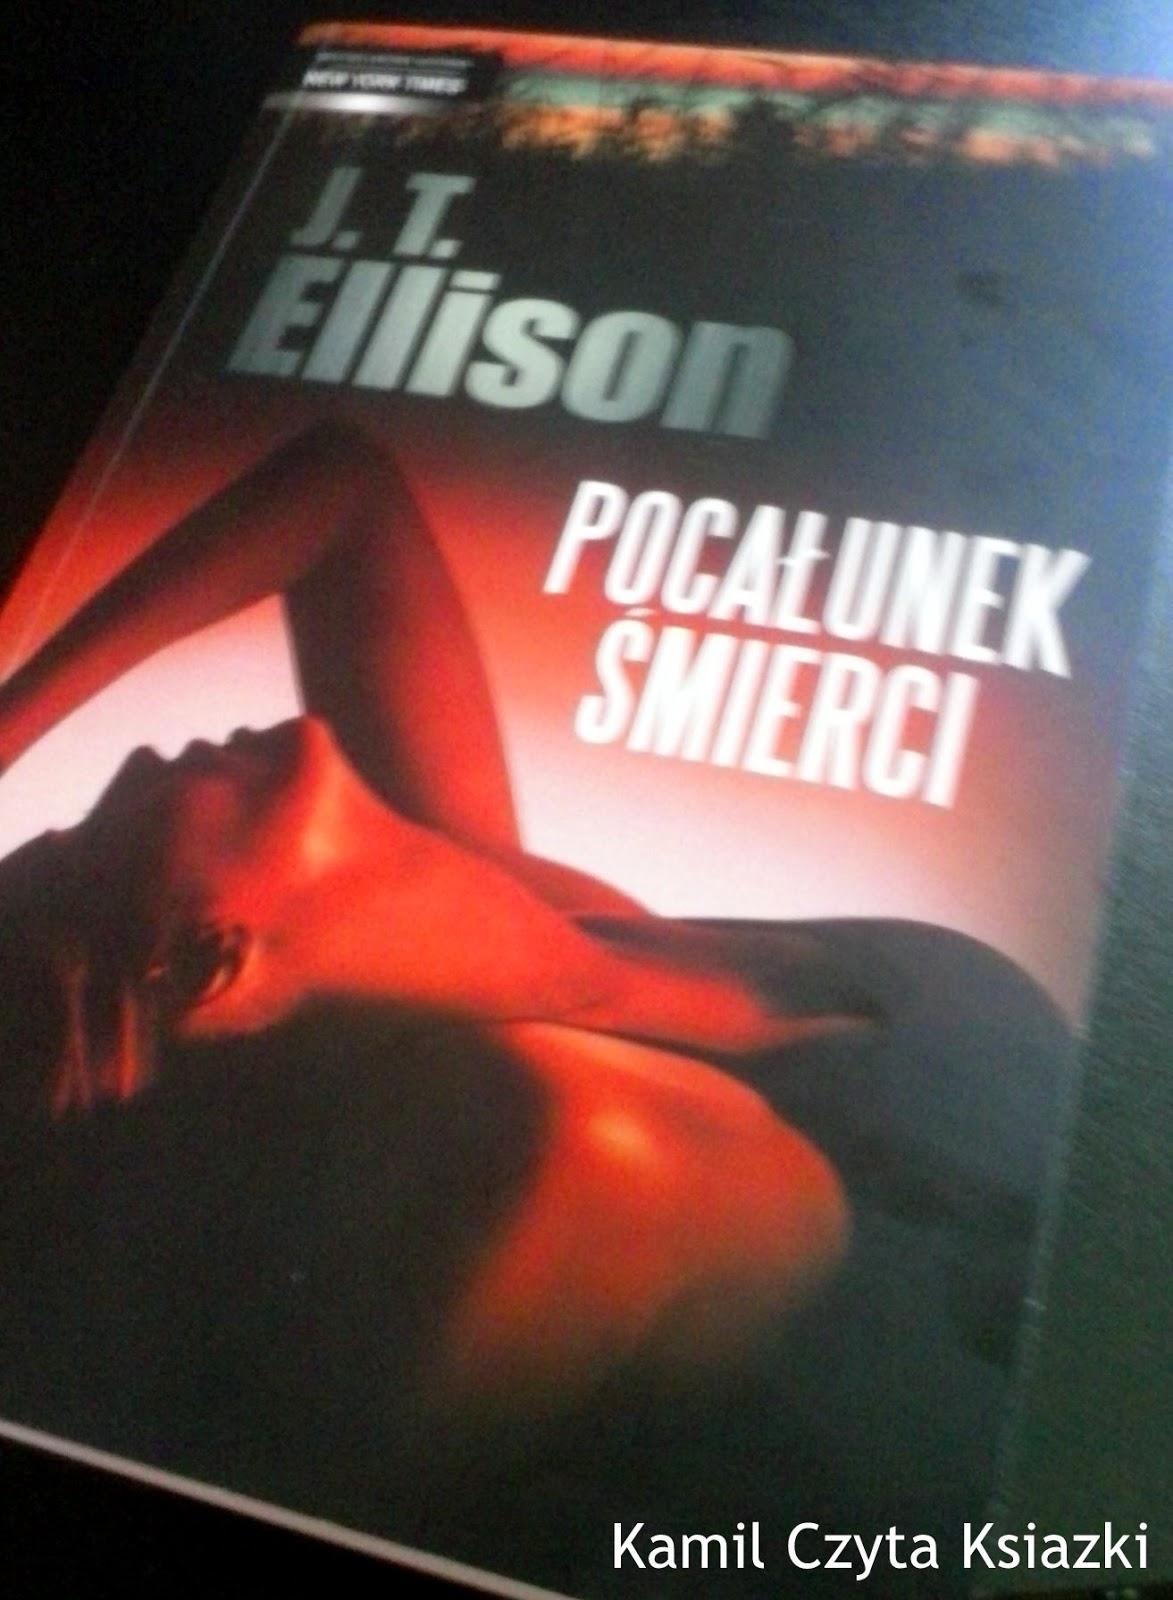 J. T. Ellison Pocałunek Śmierci Mira Taylor Jackon porucznik kryminał typowy pączki sprawa dochodzenie morderca tenis porno narkotyki gwałty zboczeńscy opisy